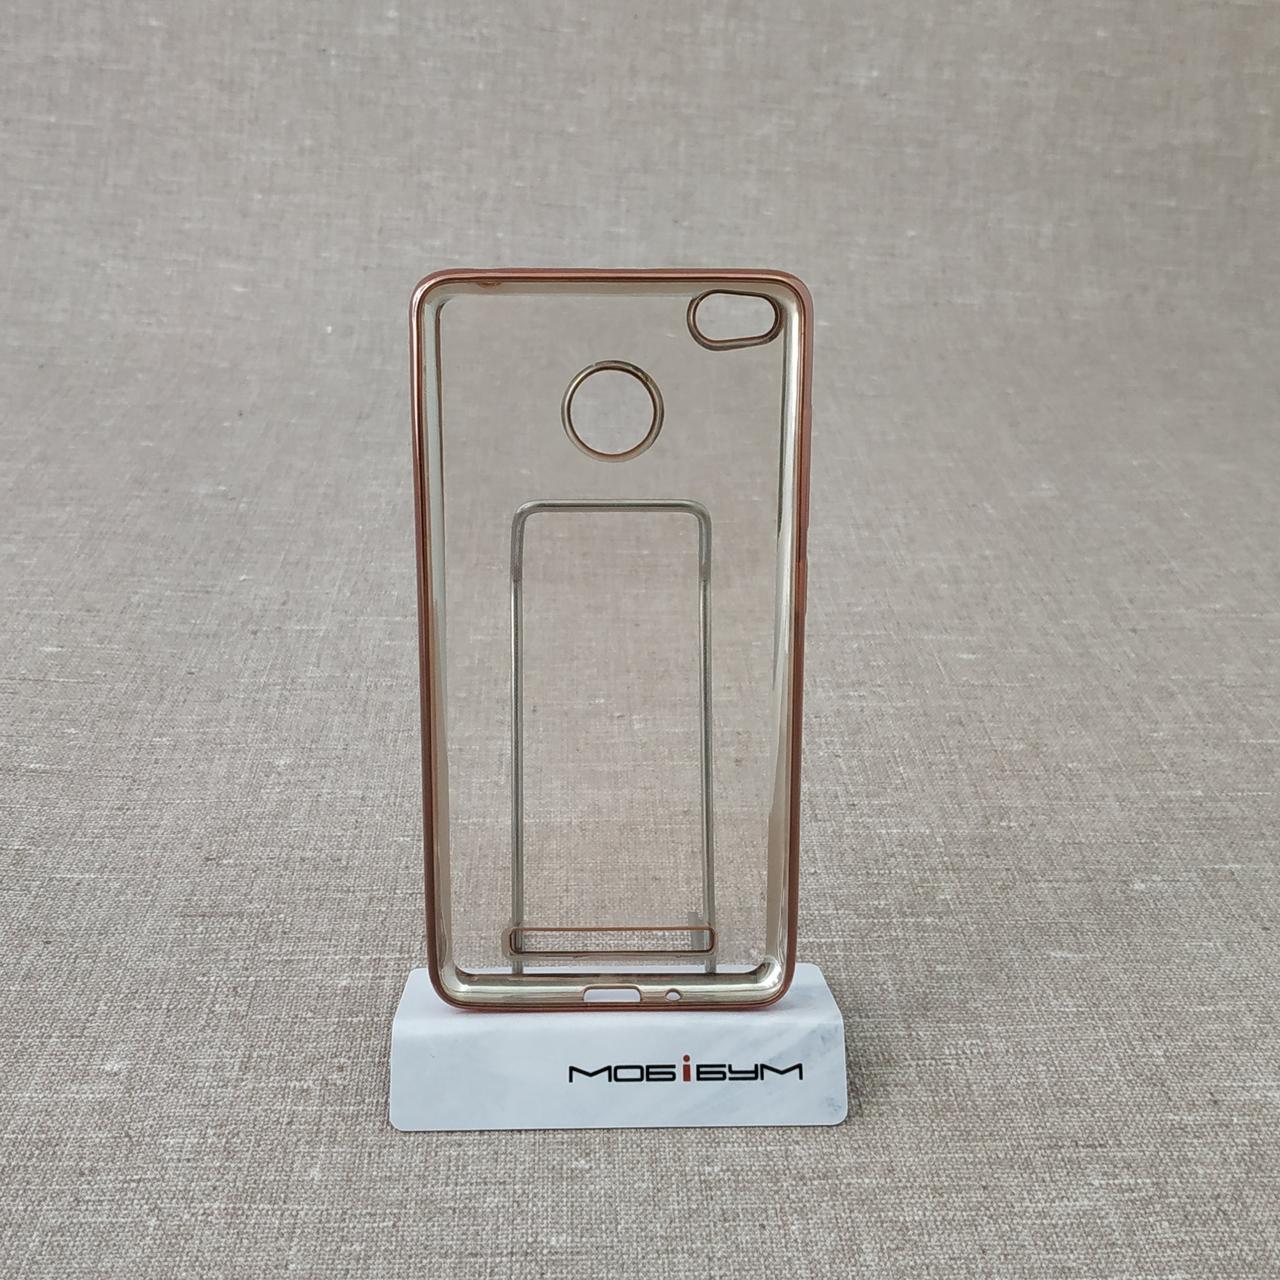 TPU bamper Xiaomi Redmi 3 Pro pink 3s